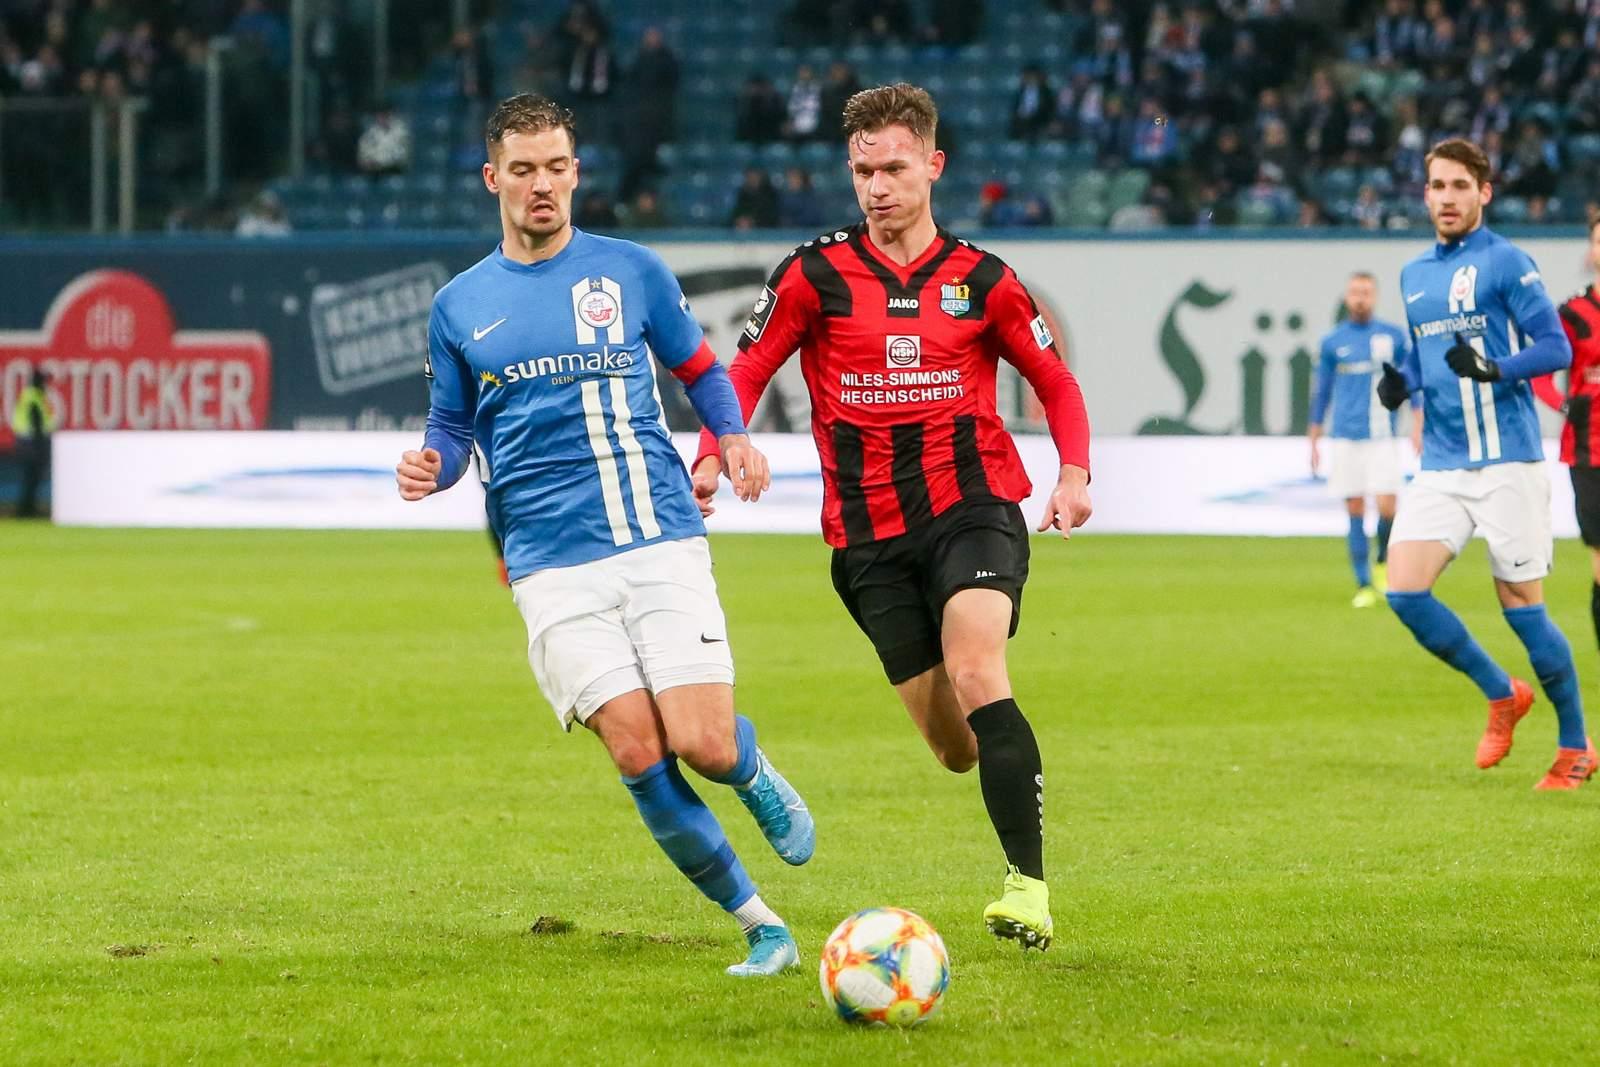 Julian Riedel gegen Erik Tallig im Zweikampf. Jetzt auf CFC vs Hansa wetten.